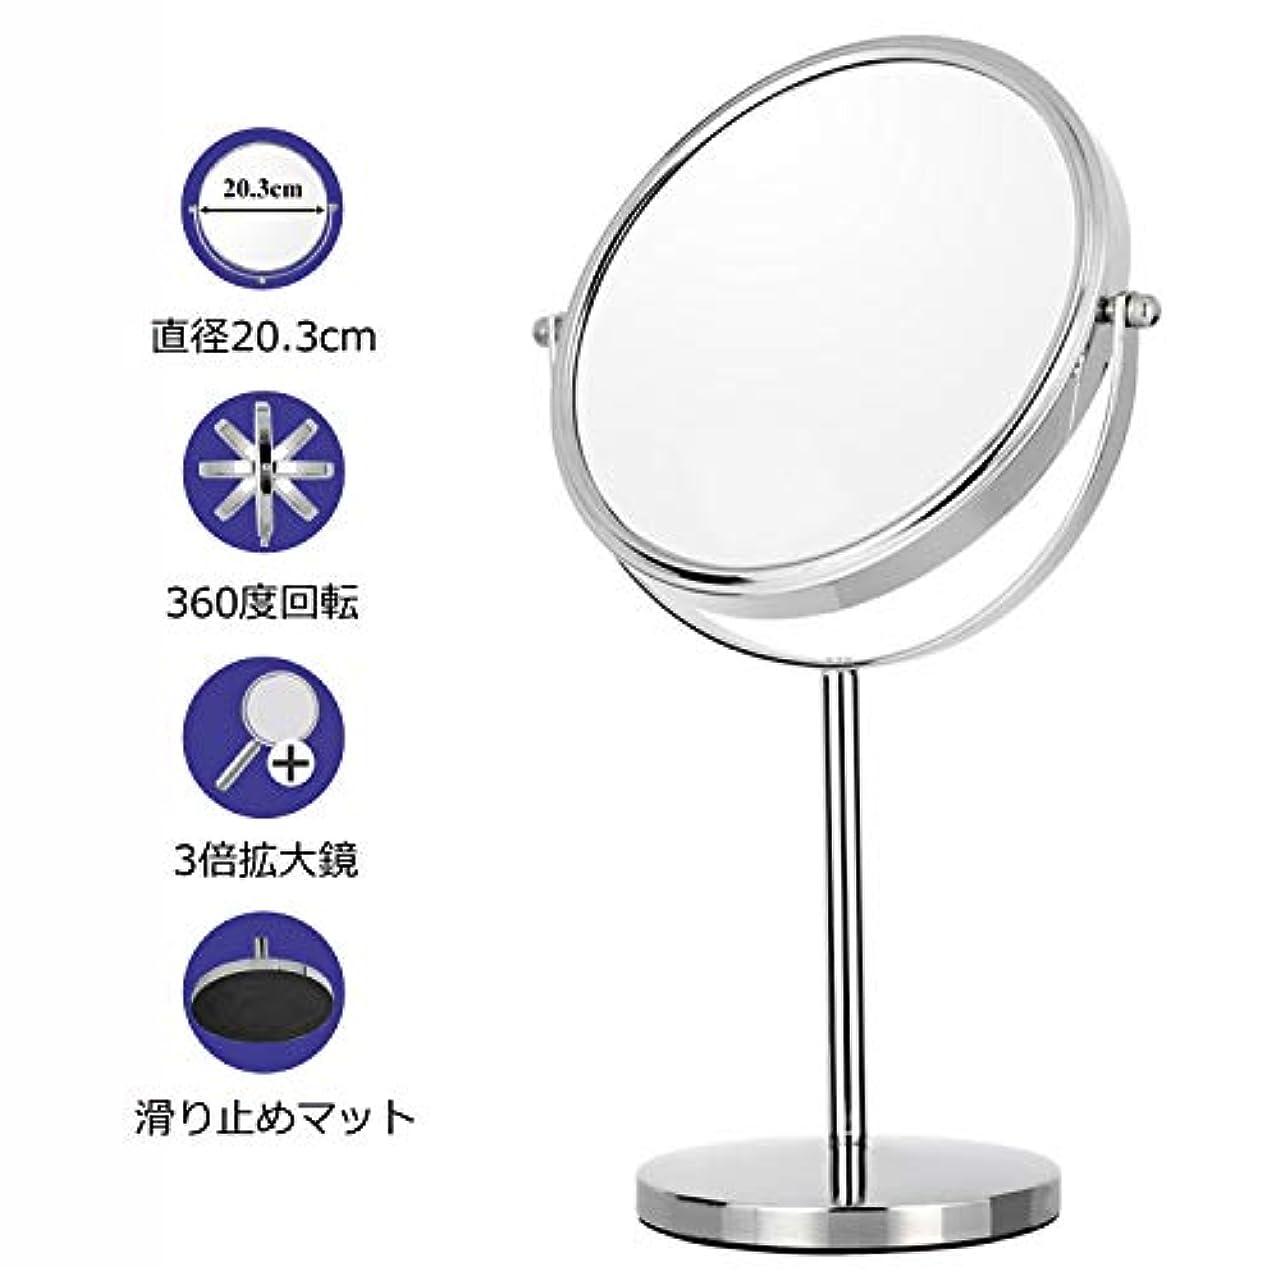 ドーム洪水ファウル鏡 卓上 拡大鏡付き 3倍卓上鏡 真実の両面鏡 浴室鏡 ミラー 360度回転 スタンドミラー クロム 鏡 (鏡面23.2cm)